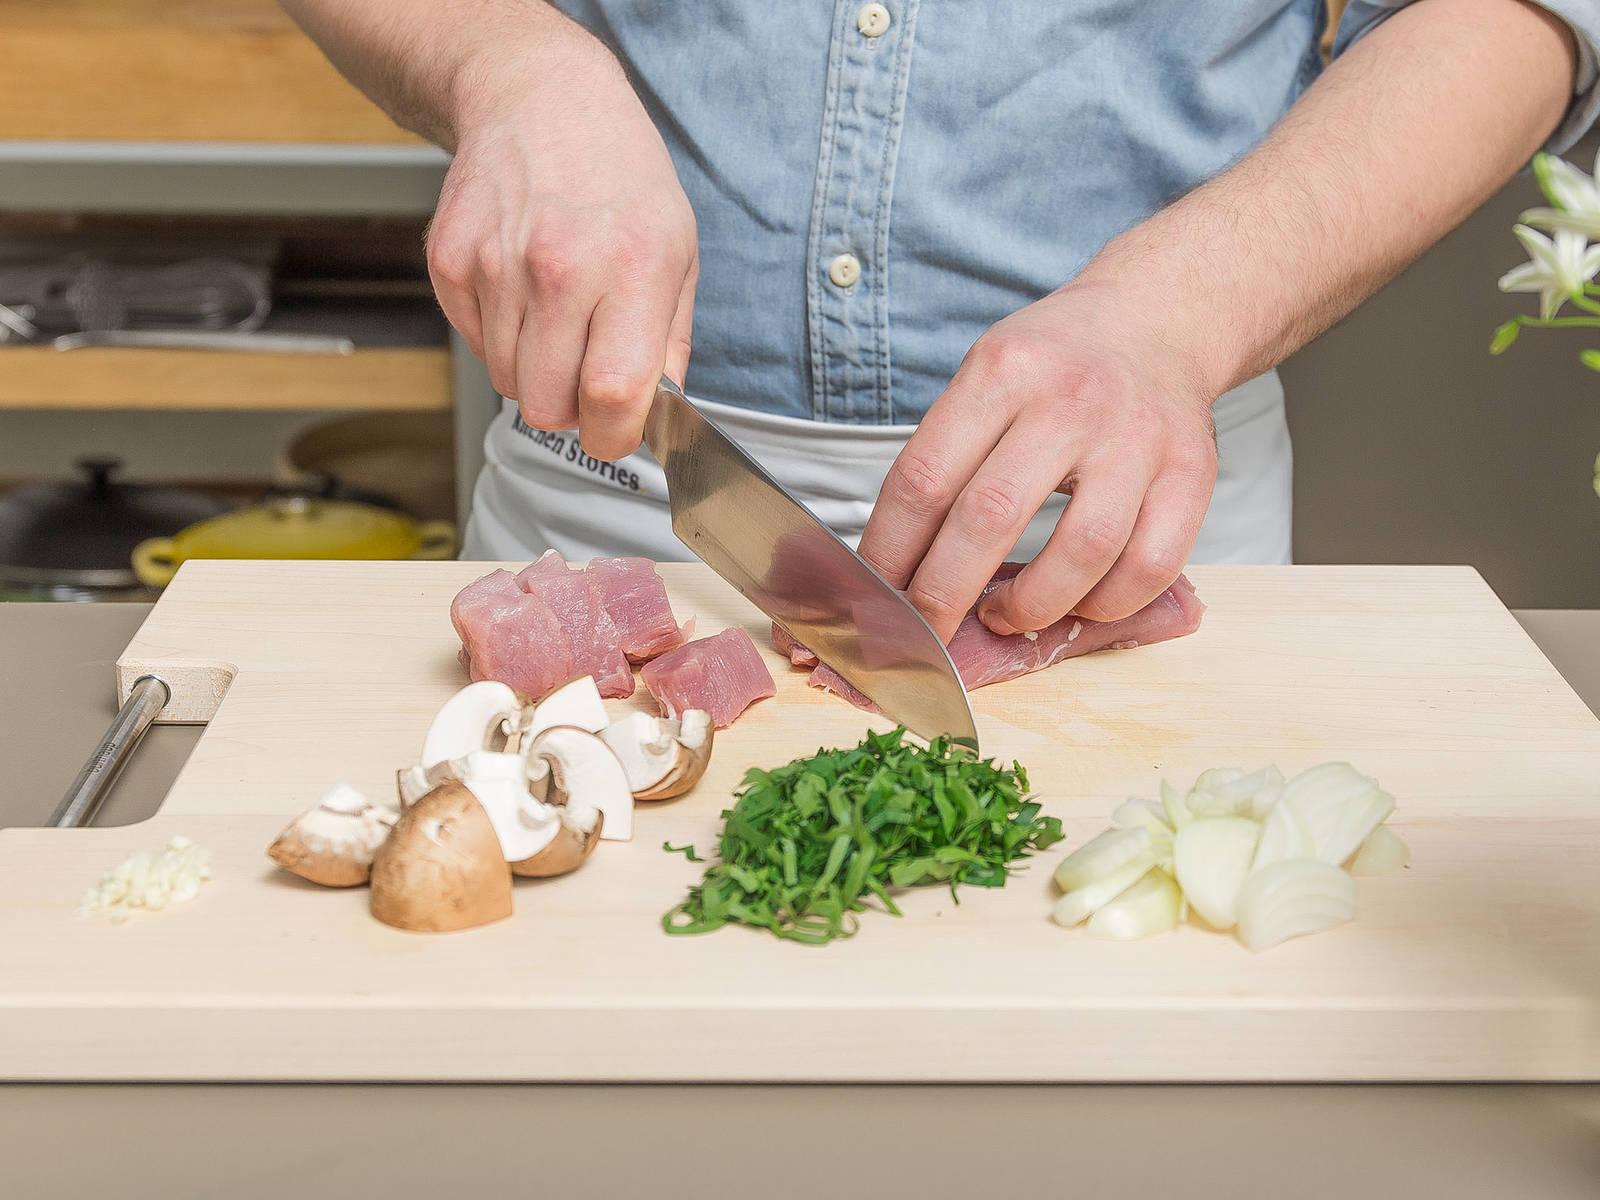 粗略地切碎欧芹,放置一旁。清洗蘑菇并切块,洋葱和蒜剥皮后切丁。修剪猪里脊肉,将其切成均等的大小。